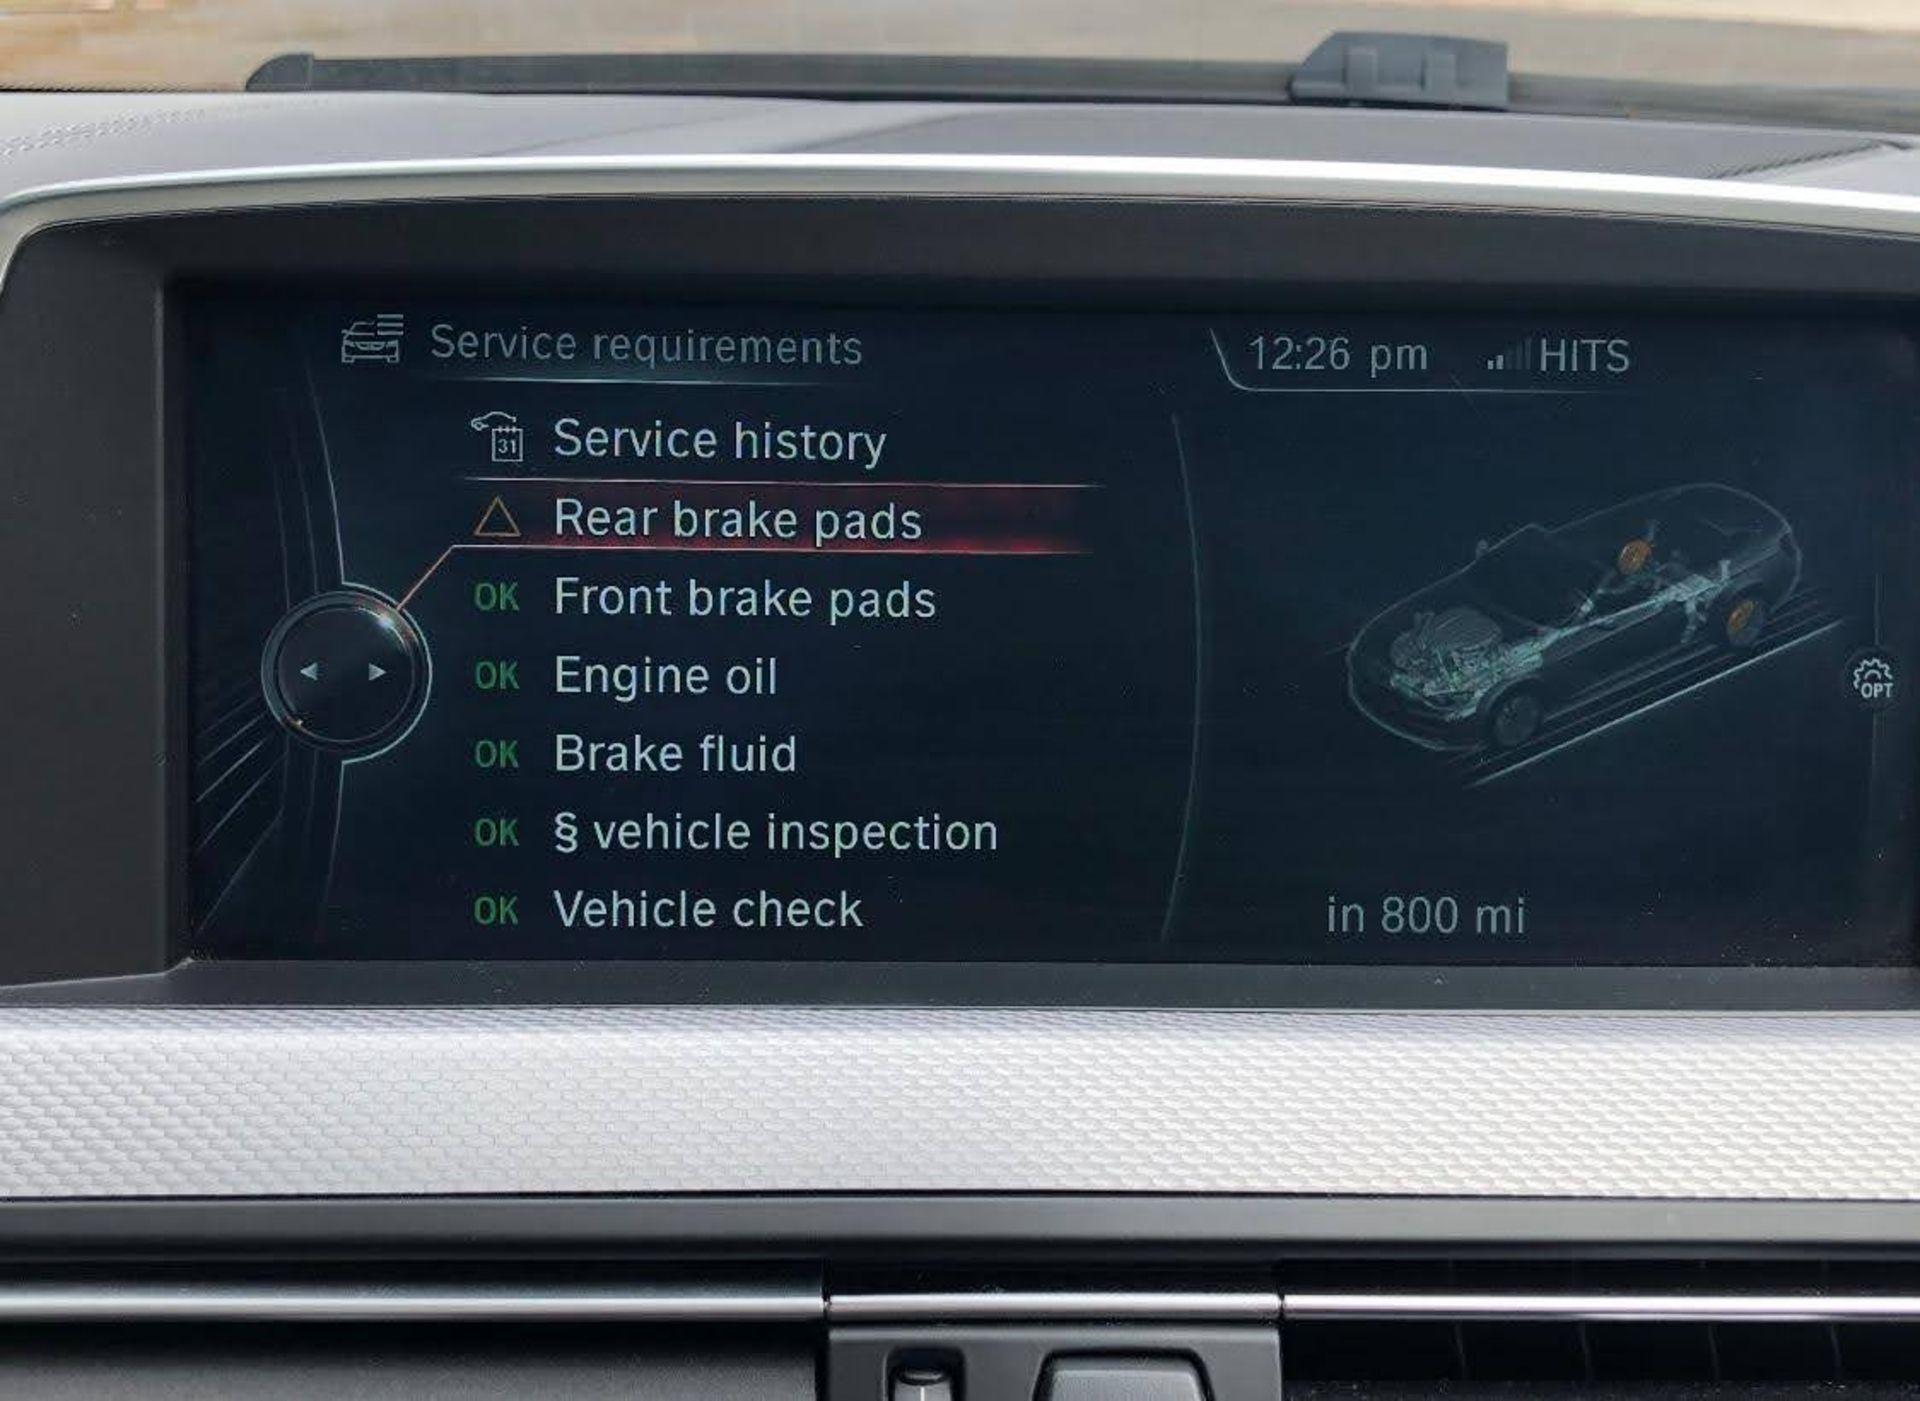 2014/14 REG BMW 640D M SPORT AUTOMATIC 3.0 DIESEL BLACK CONVERTIBLE *NO VAT* - Image 15 of 17